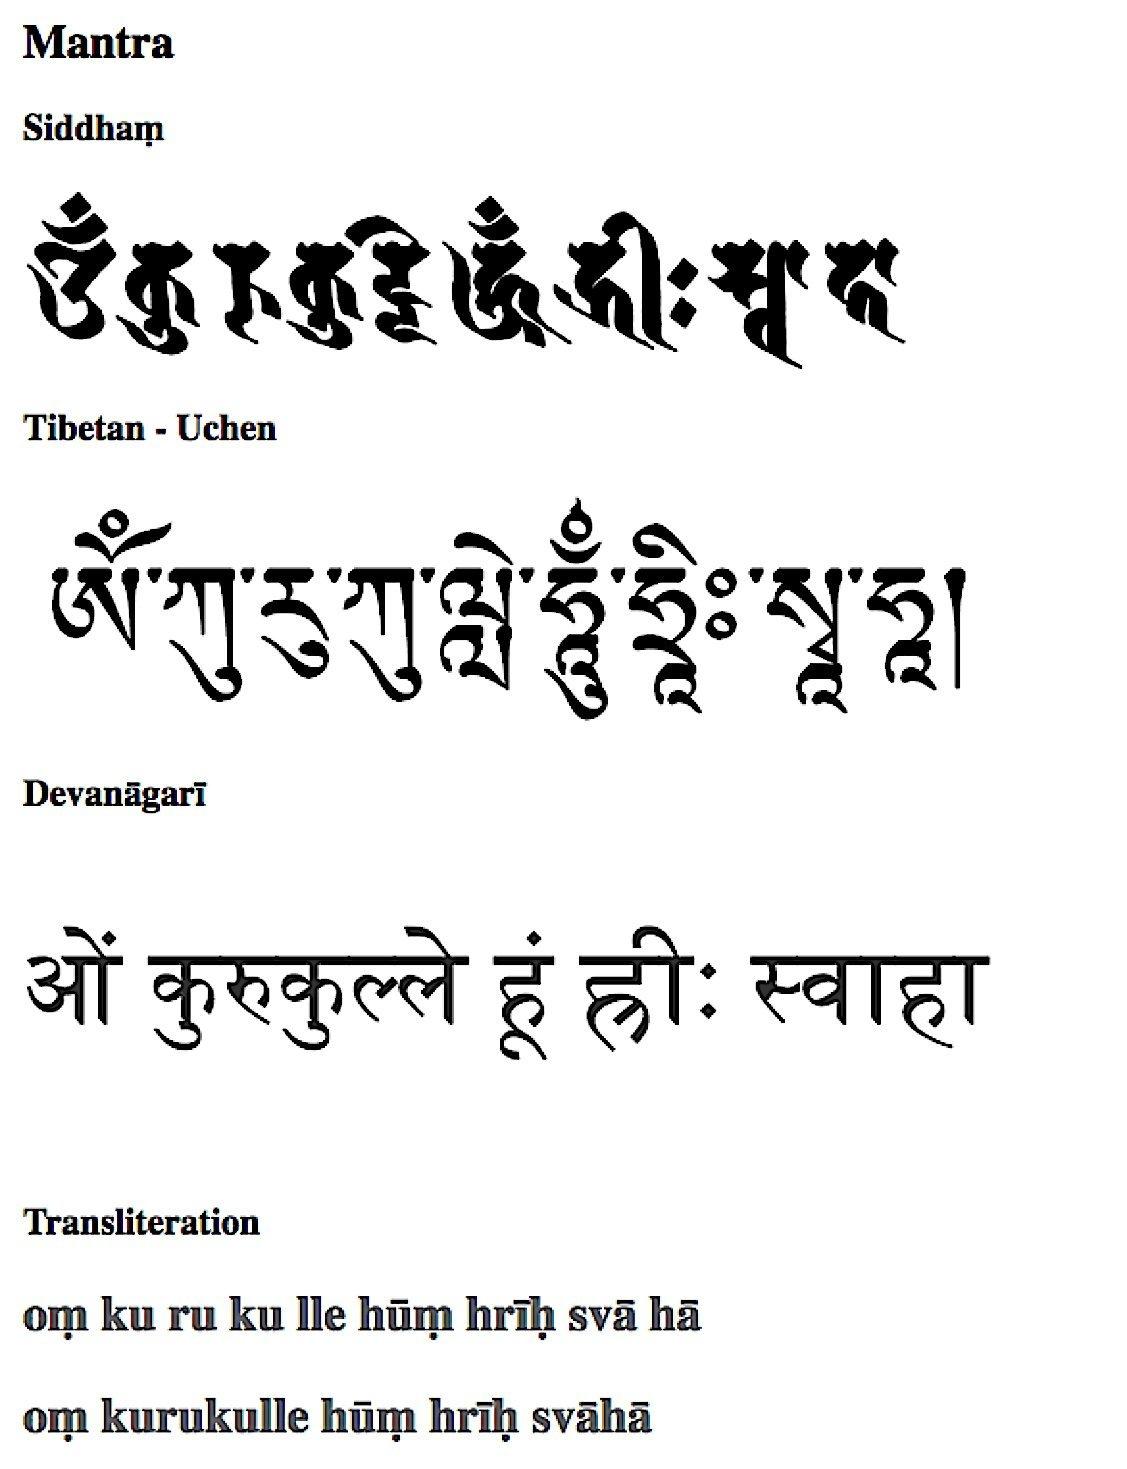 Buddha Weekly Siddham Tibetan and Devangari English mantras of Kurukulla Buddhism